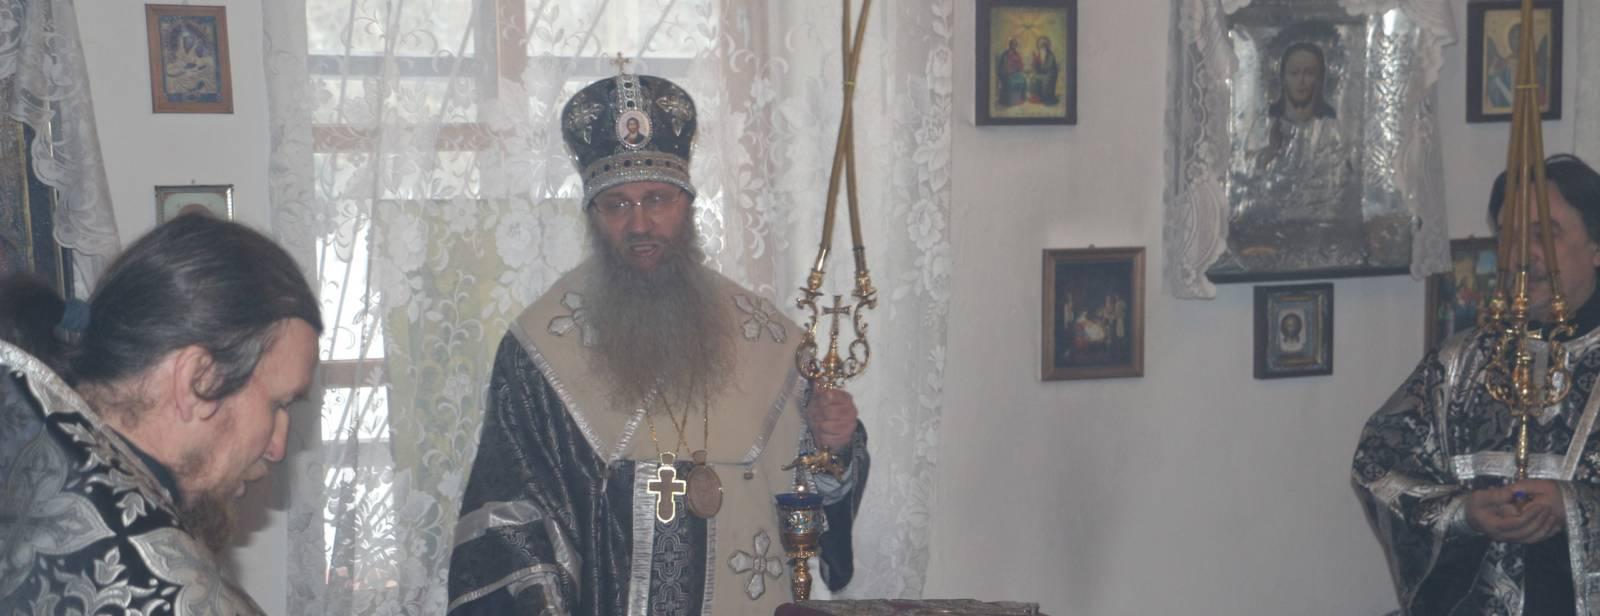 Божественная литургия Преждеосвященных Даров в часовне в честь Вознесения Господня г.Урюпинска.